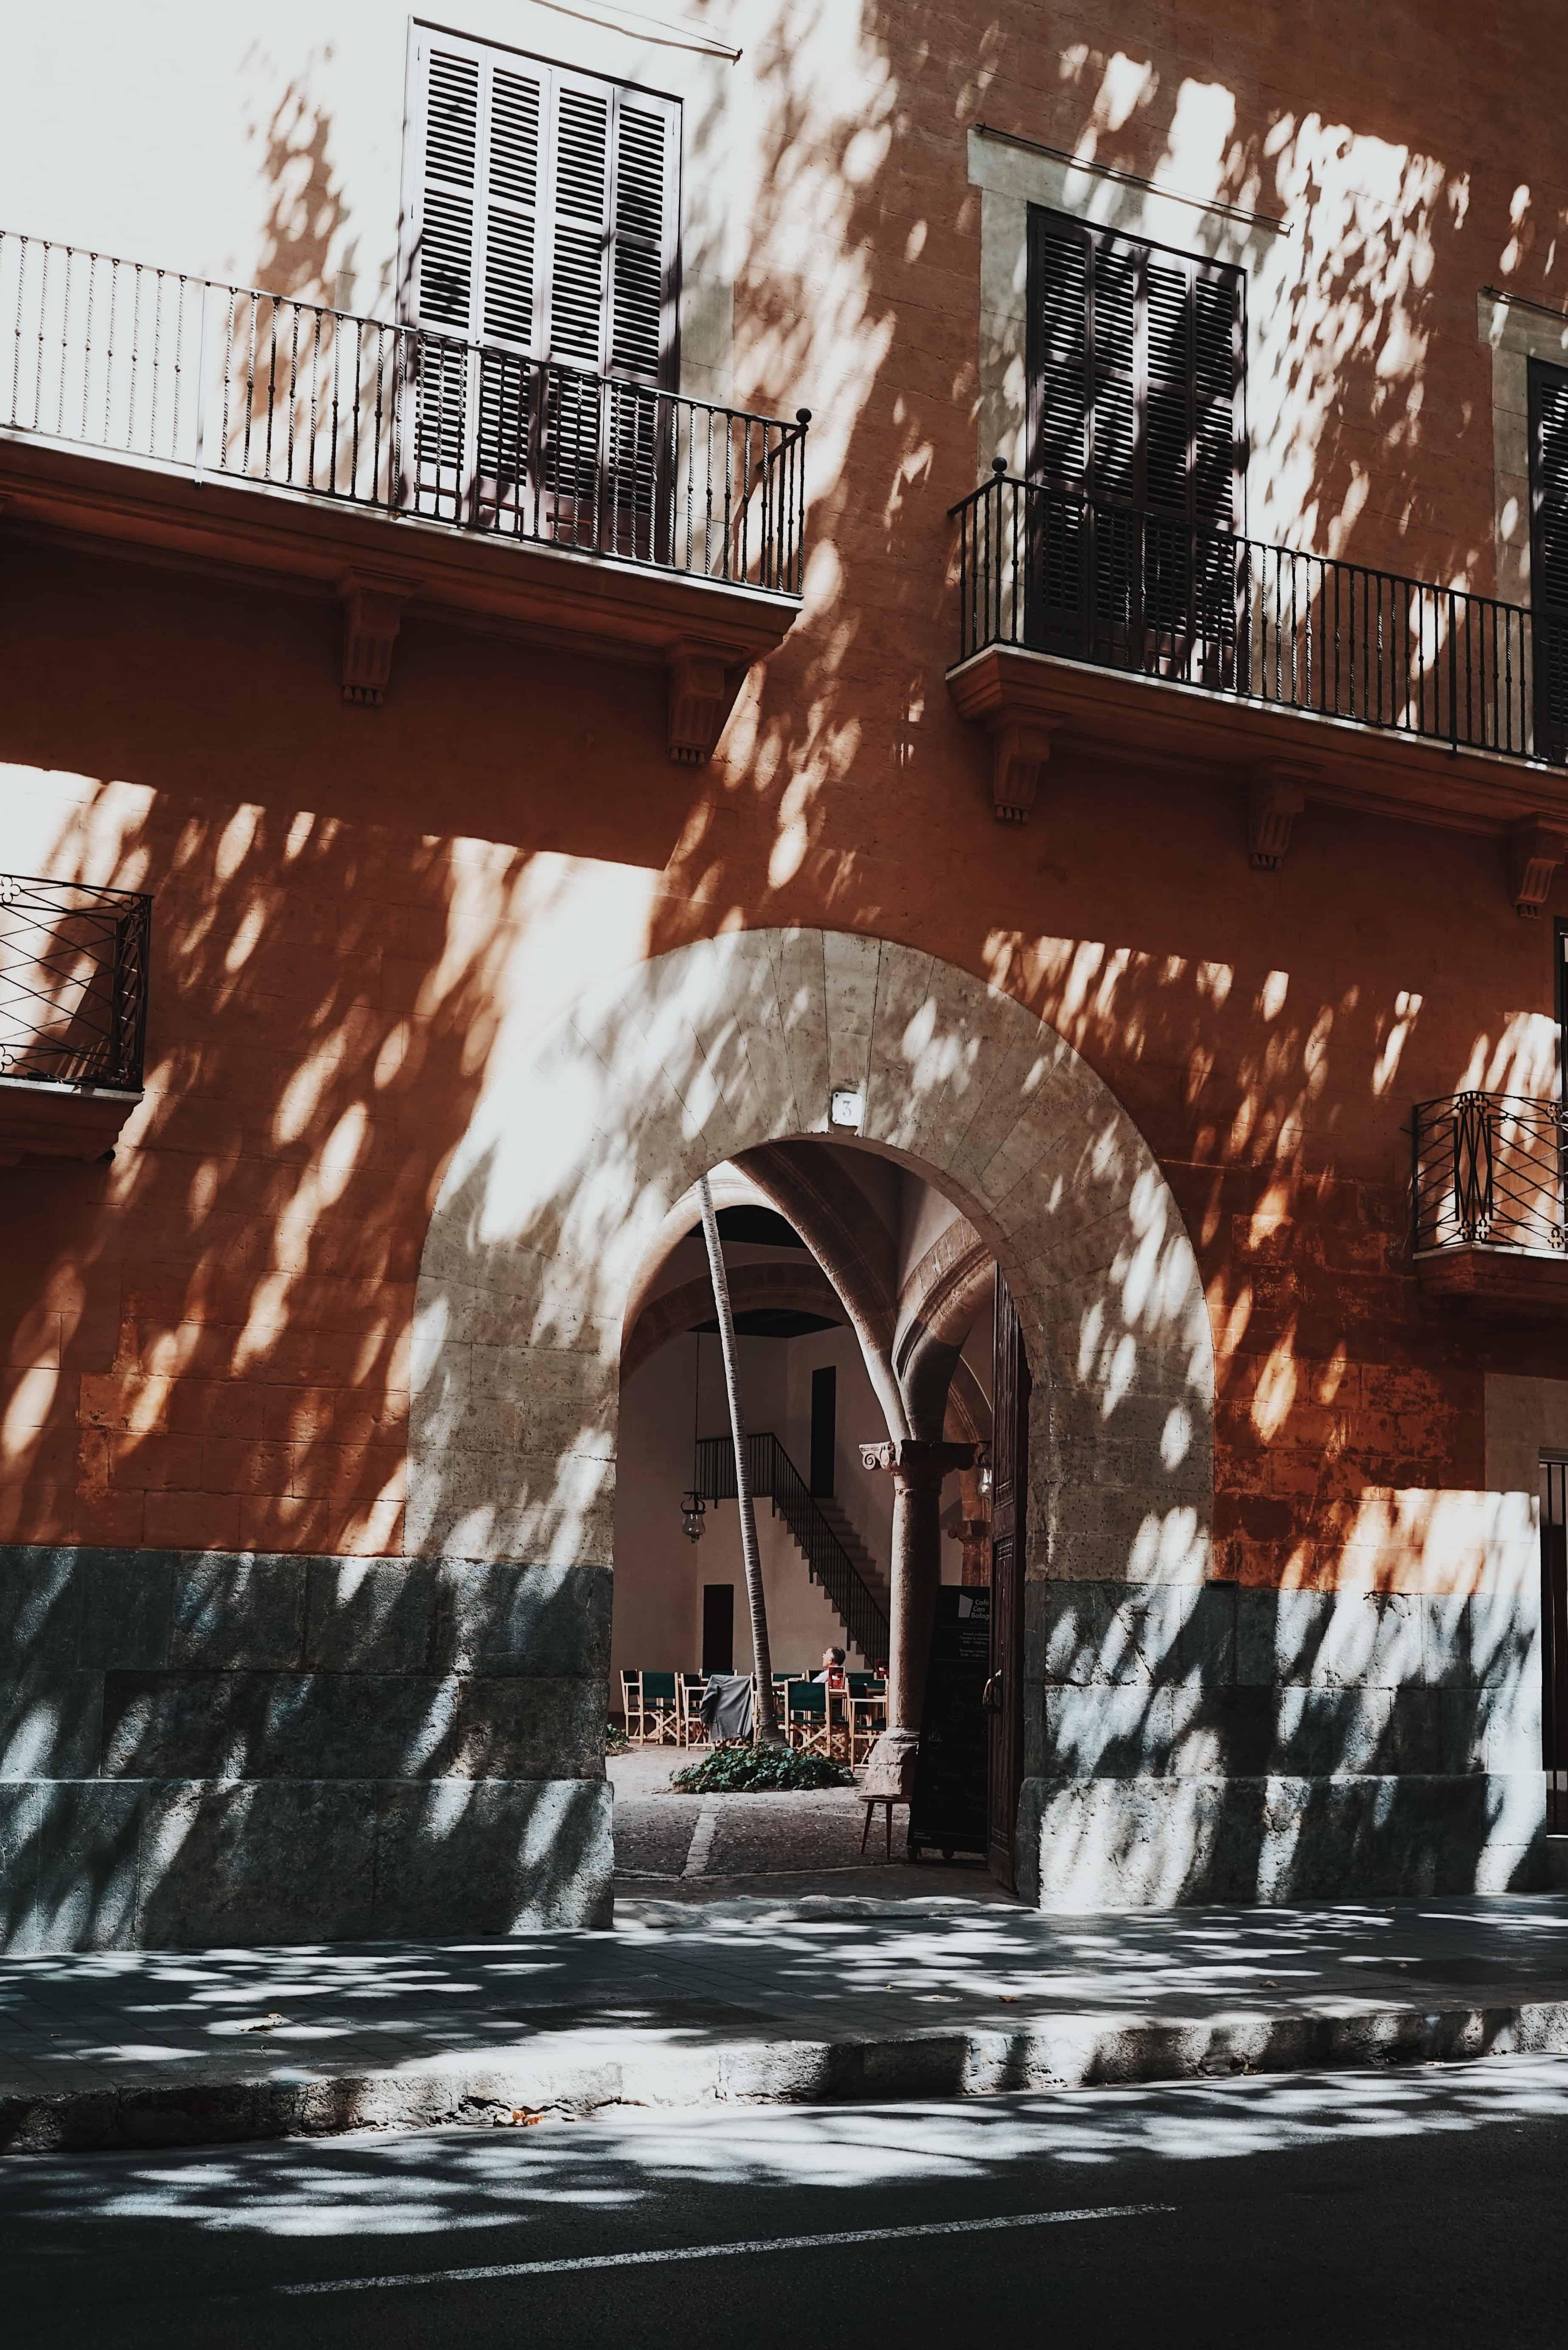 Tapas Palma de Mallorca. Tips Mallorca. Dineren in Mallorca. Overnachten in Mallorca. Bezienswaardigheden Mallorca. Tips Palma de Mallorca